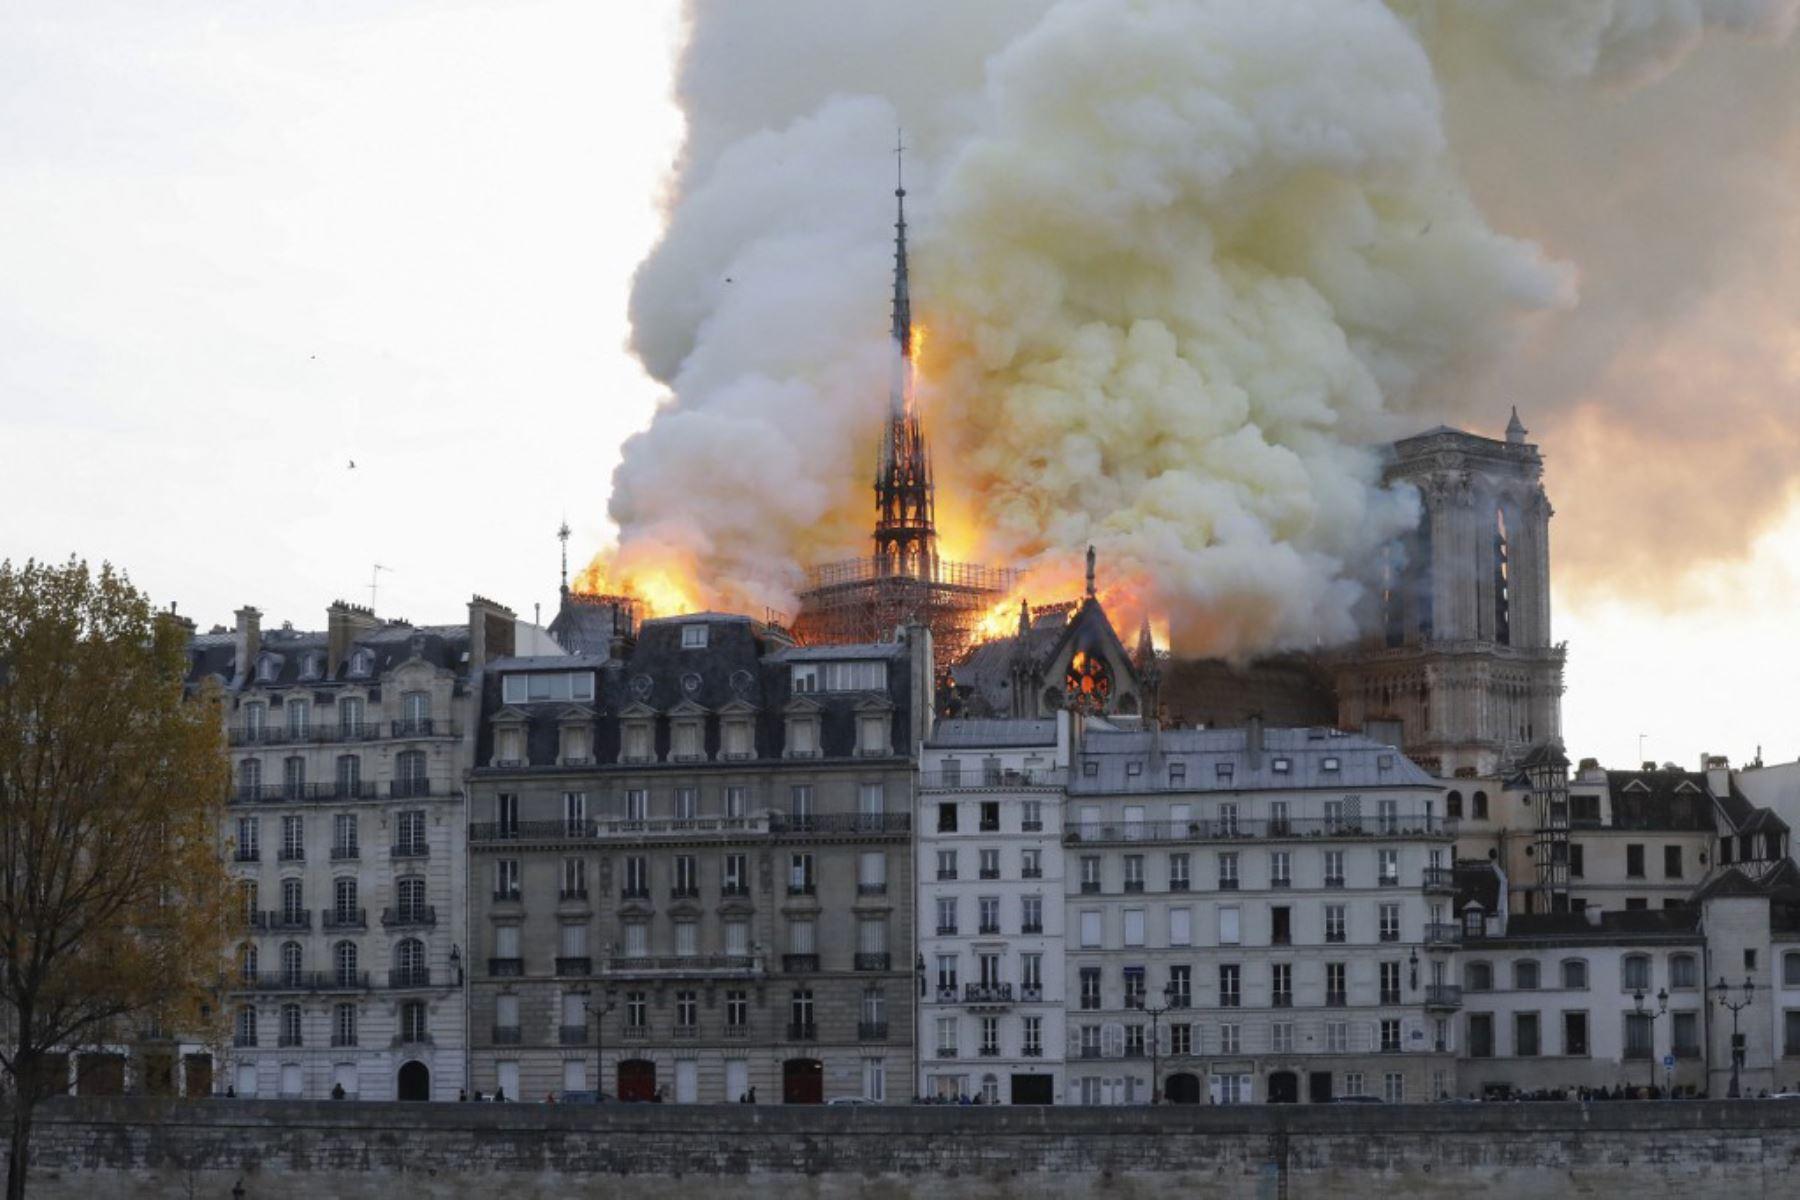 Visto desde el otro lado del río Sena, el humo y las llamas se elevan durante un incendio en la histórica catedral de Notre-Dame en el centro de París.  Foto: AFP